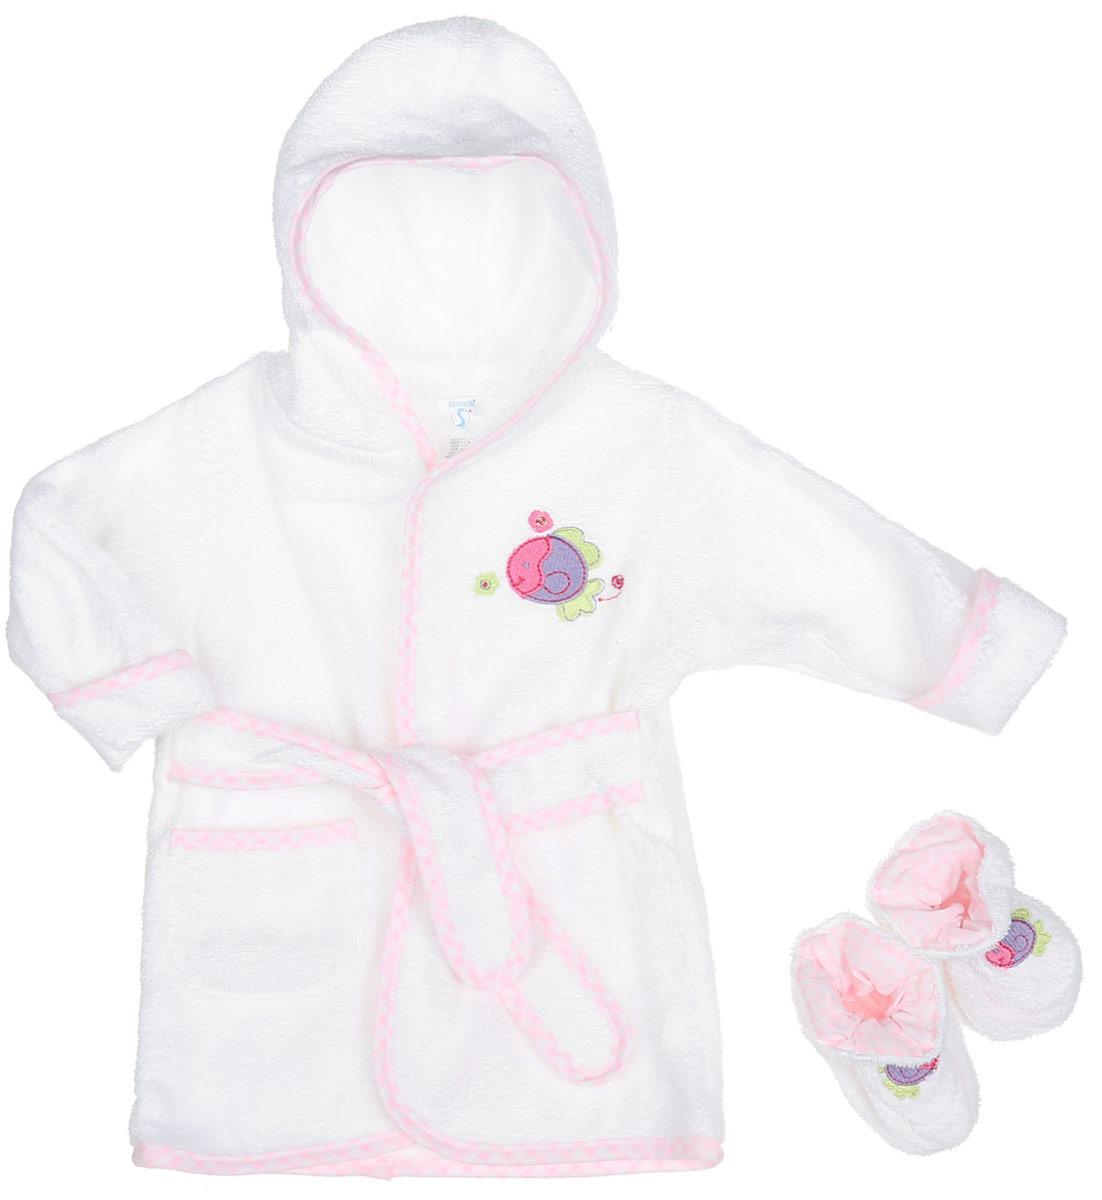 Комплект для девочки Spasilk Рыбка: халат, пинетки, цвет: белый, розовый. BR W03. Размер 0-9 месяцевBR W03Очаровательный комплект одежды Spasilk Рыбка состоит из халатика и пинеток. Комплект изготовлен из мягкой махровой ткани, которая отлично поглощает воду, массирует кожу, улучшая кровообращение, позволяет телу дышать. Изделие легкое и тактильно приятное. Уютный халат с капюшоном и длинными рукавами дополнен поясом на талии. На рукавах имеются декоративные отвороты. Спереди расположен накладной кармашек. Края изделия оформлены принтованной окантовкой. Модель украшена аппликацией в виде рыбки.На пинетках предусмотрена легкая хлопковая подкладка, оформленная принтом в клетку. Пинетки присборены на мягкие эластичные резинки для фиксации на ножках малыша.Такой комплект одежды станет идеальным дополнением к детскому гардеробу. Мягкий махровый халатик и удобные пинетки защитят малыша от охлаждения после водных процедур.